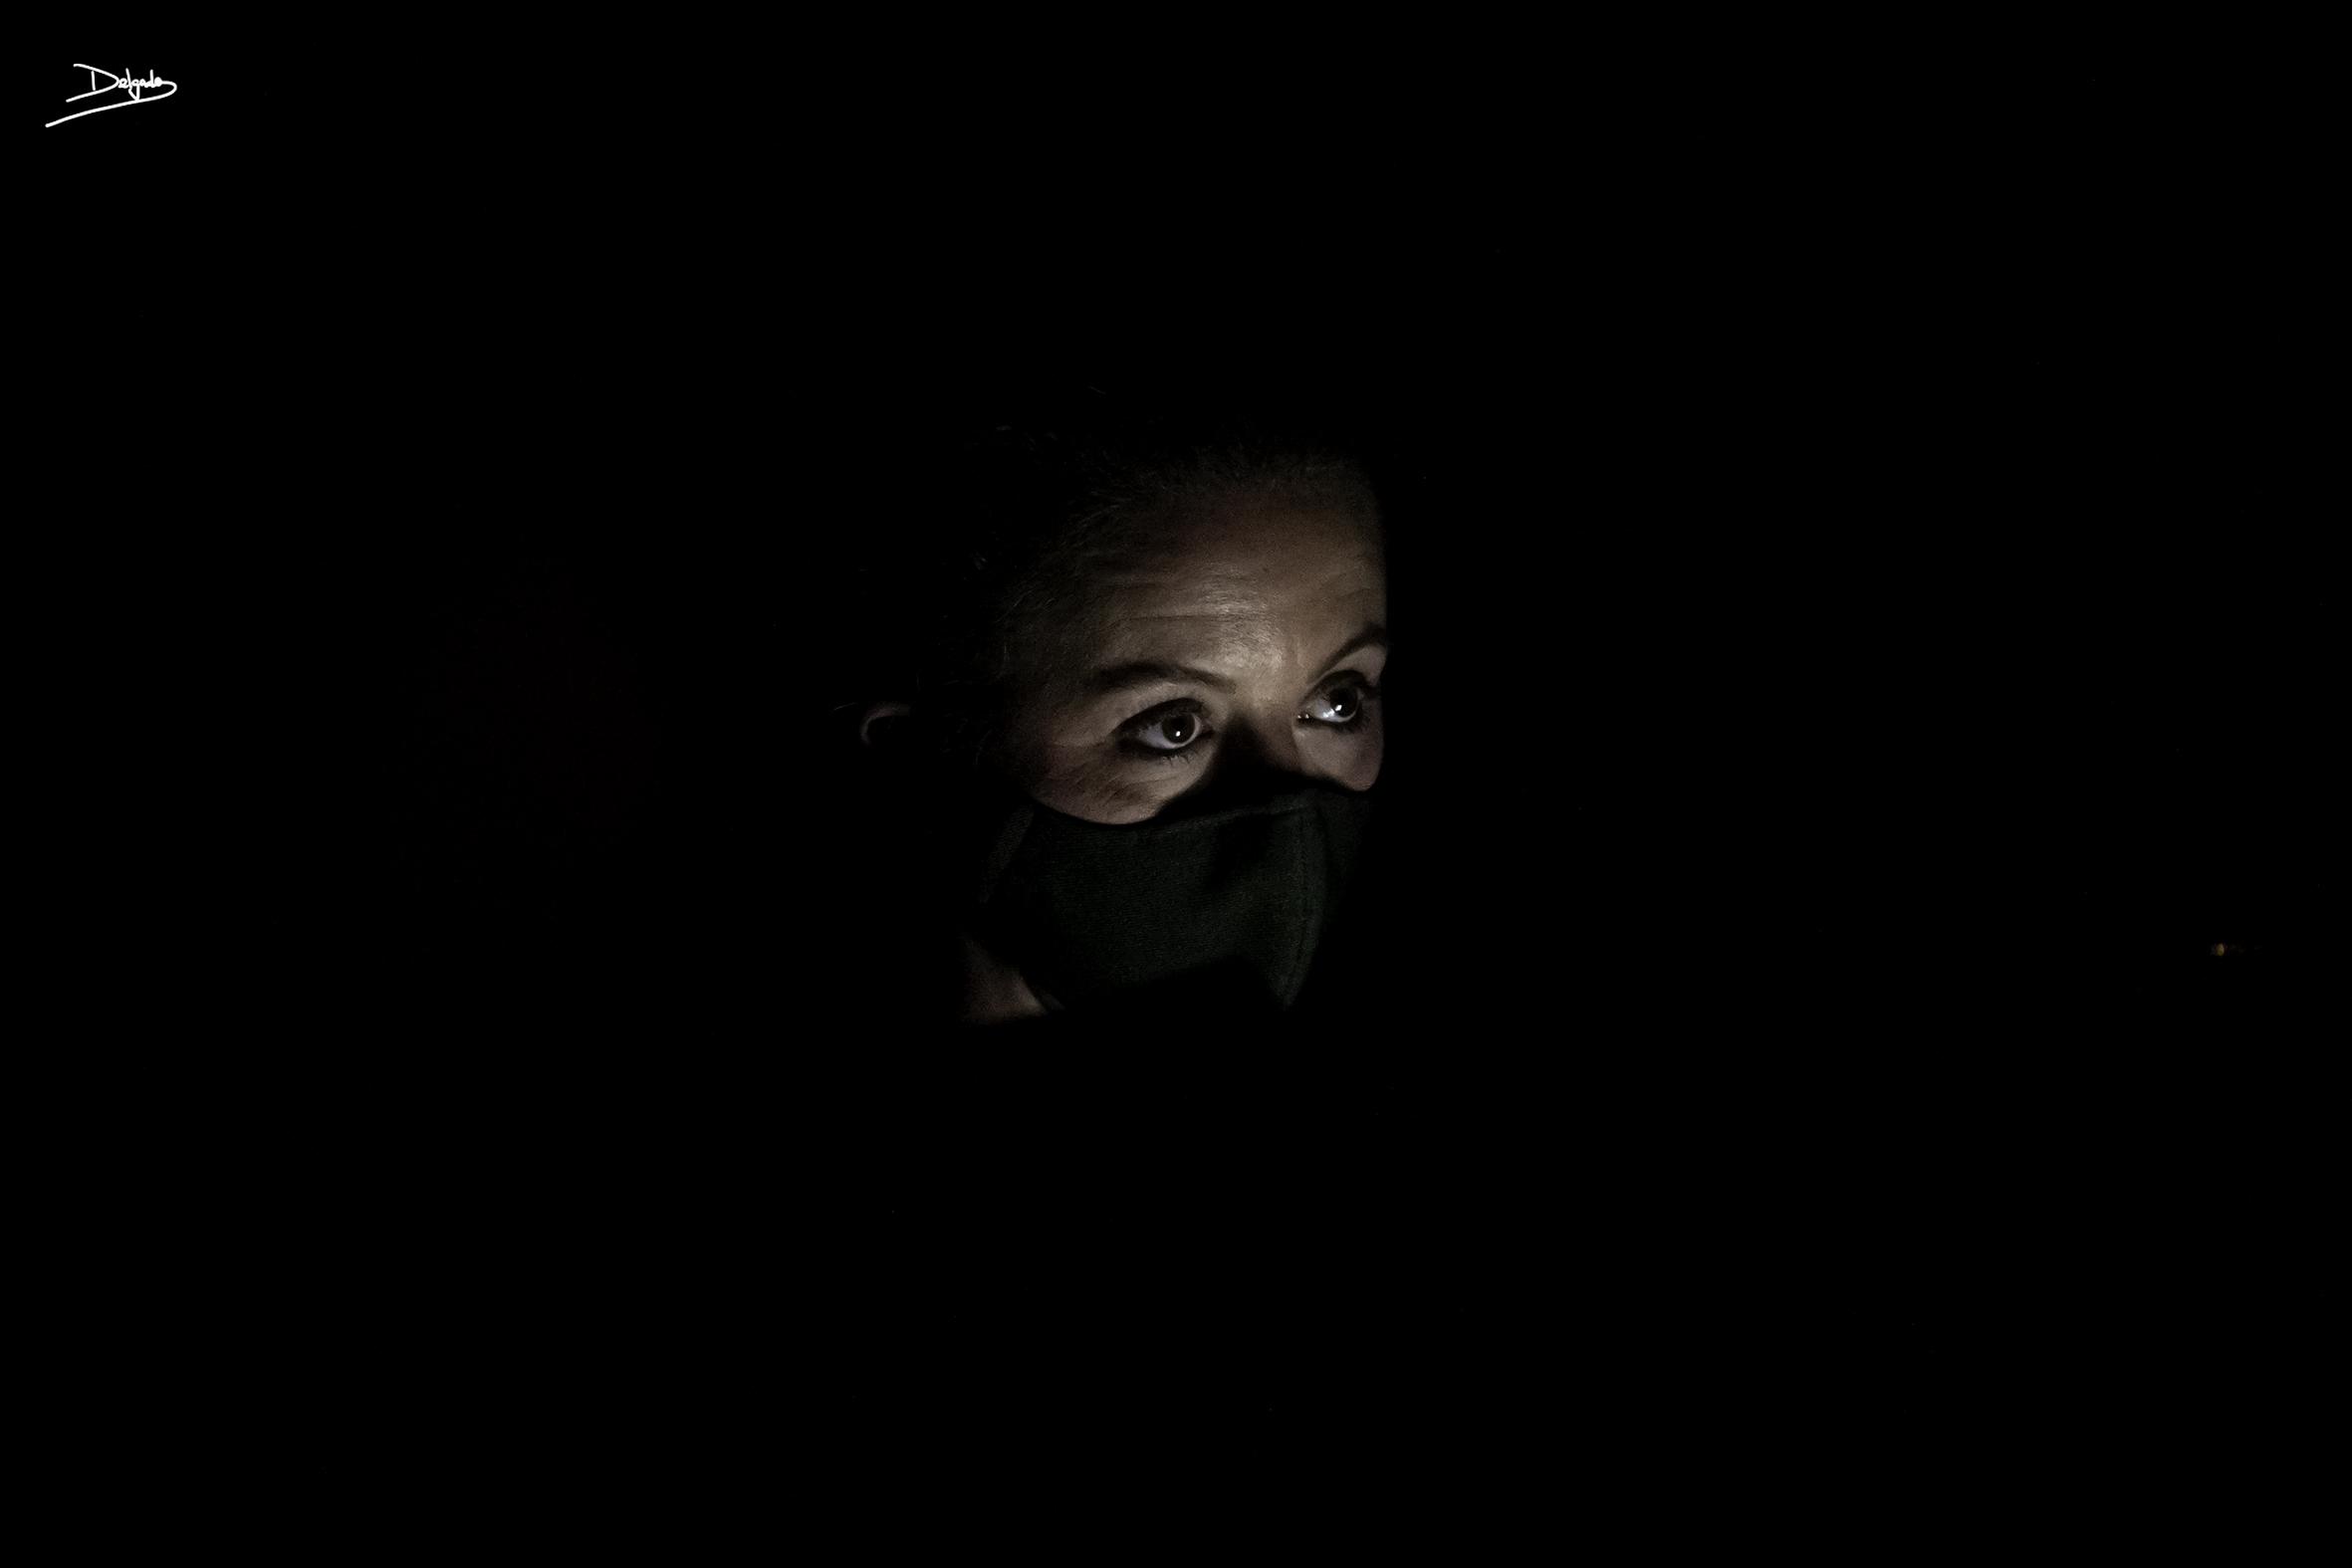 Foto del día: Retratos de pandemia